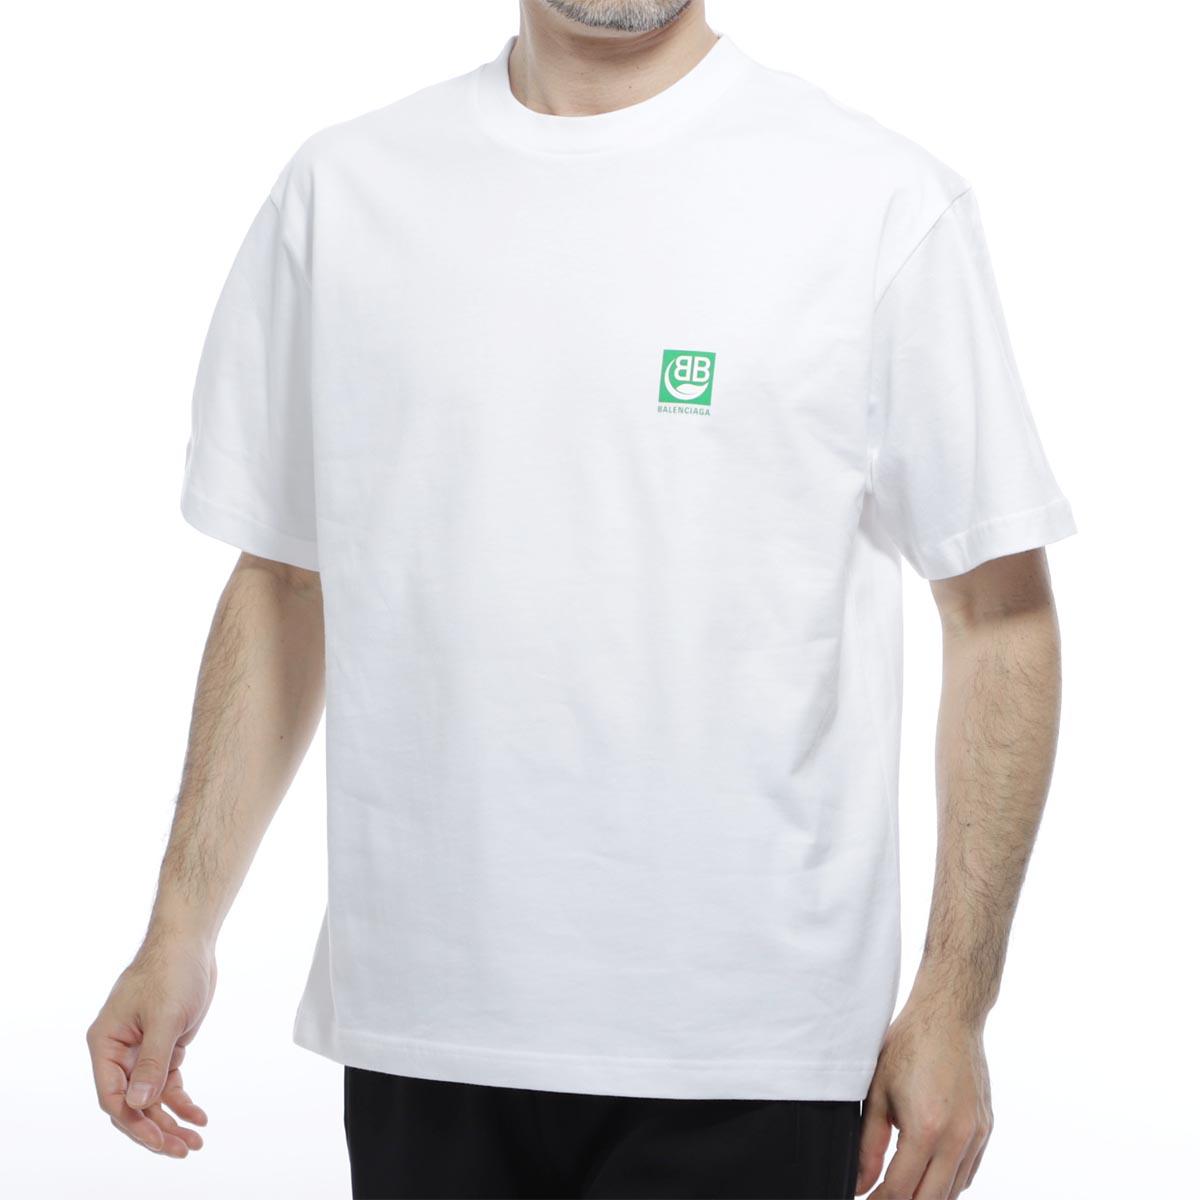 バレンシアガ BALENCIAGA クルーネックTシャツ ホワイト メンズ コットン 綿 594579 thv63 9000【あす楽対応_関東】【返品送料無料】【ラッピング無料】